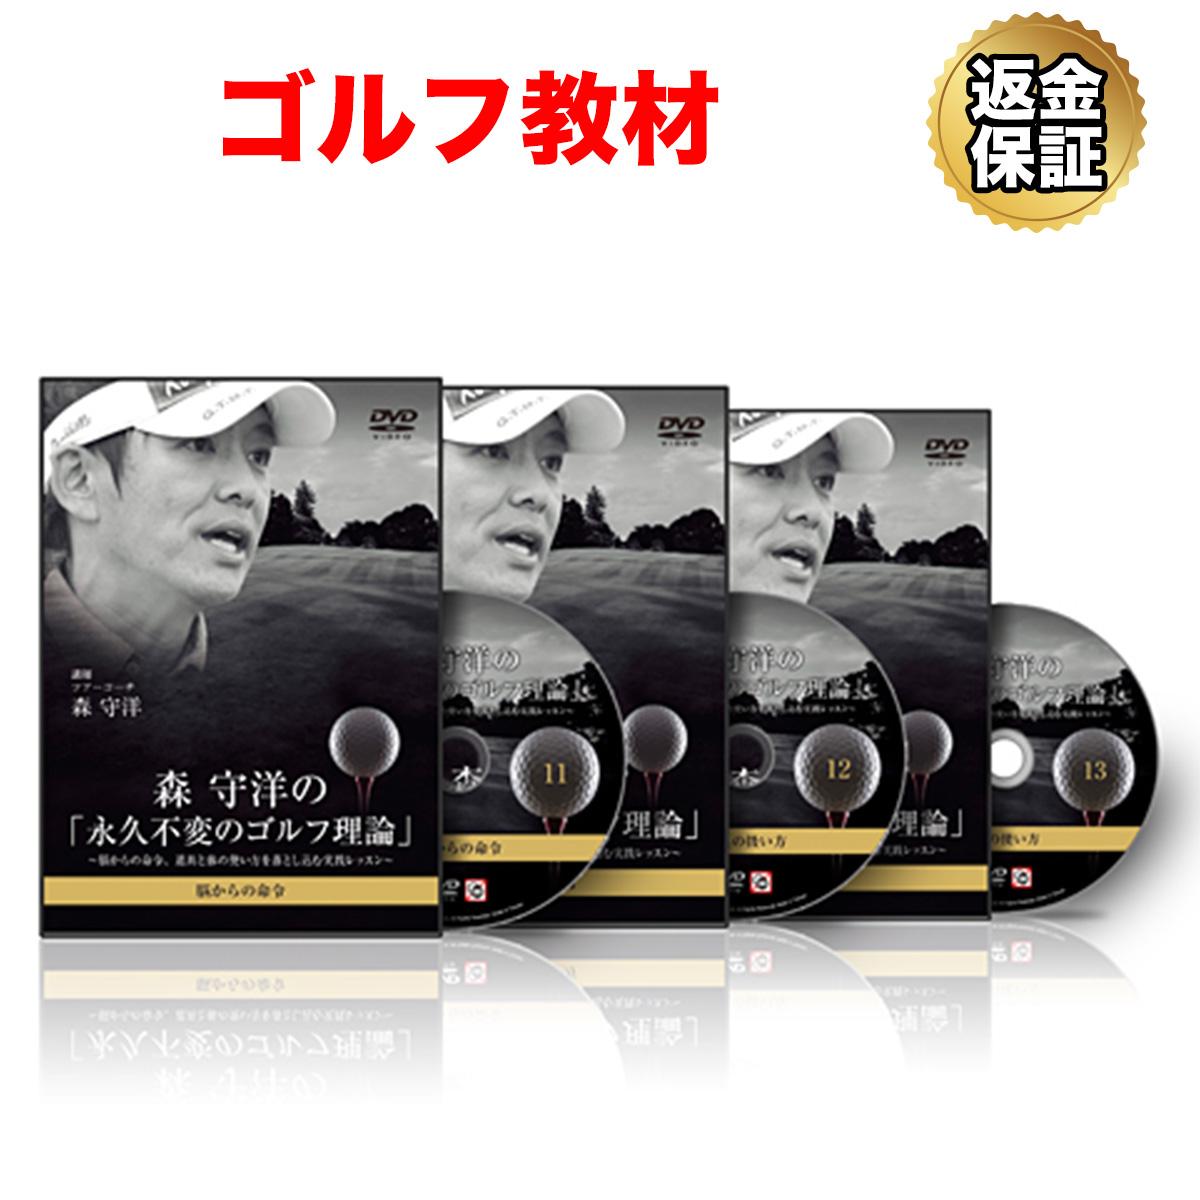 【ゴルフ】森 守洋の「永久不変のゴルフ理論」~脳からの命令、道具と体の使い方を落とし込む実践レッスン~